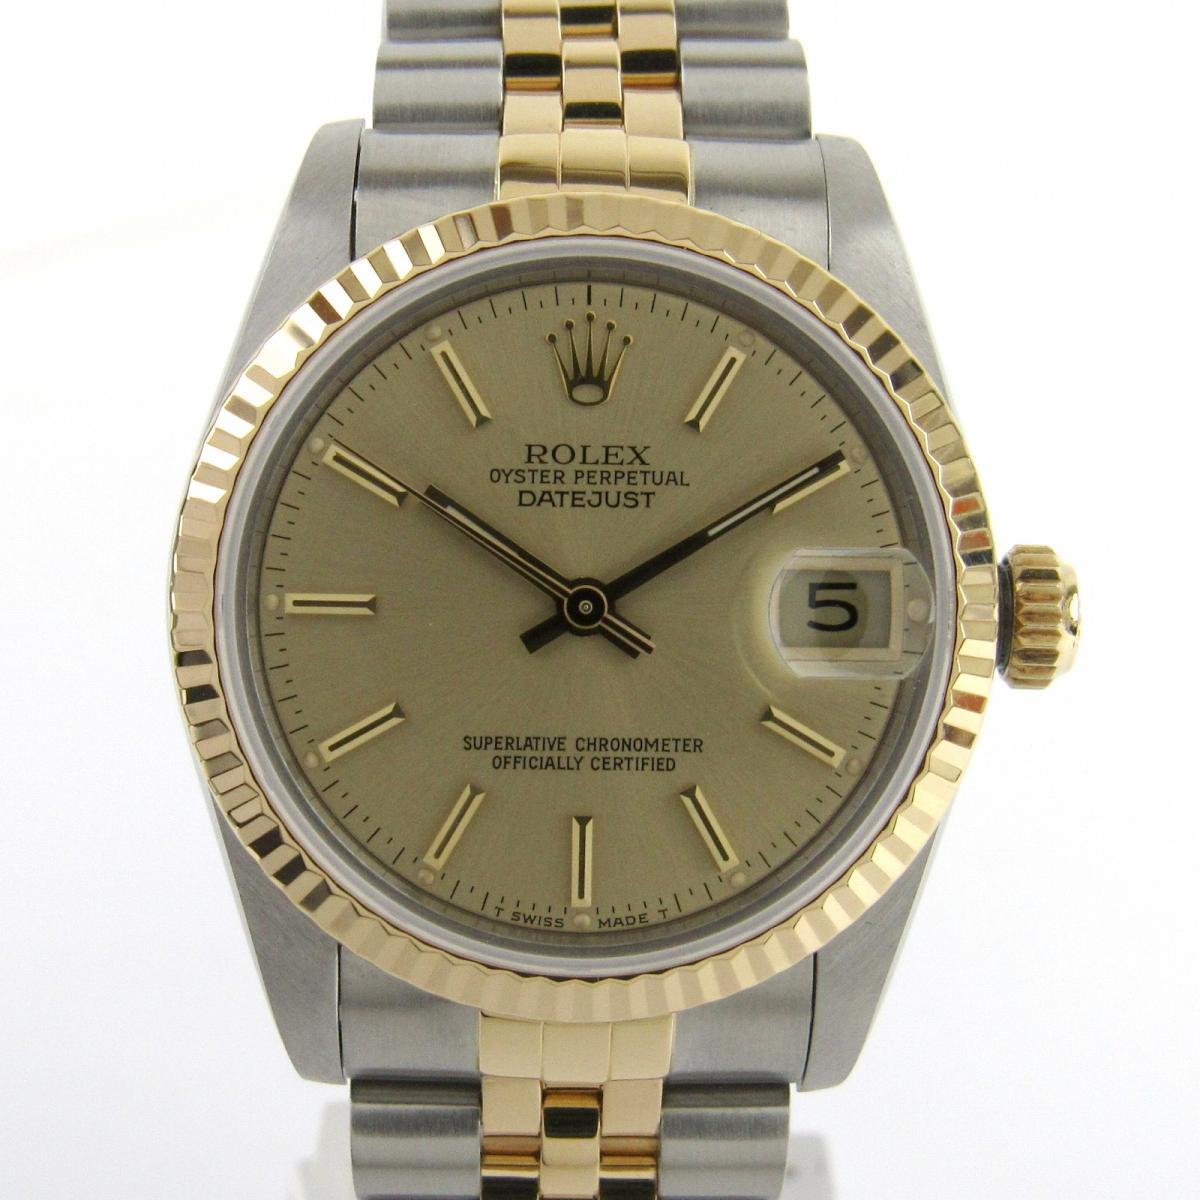 【中古】 ロレックス デイトジャスト ウォッチ 腕時計 メンズ レディース K18YG (750)イエローゴールド x ステンレススチール (SS) (68273 9番)   ROLEX オートマチック 自動巻き 時計 デイトジャスト K18 18金 美品 ブランドオフ